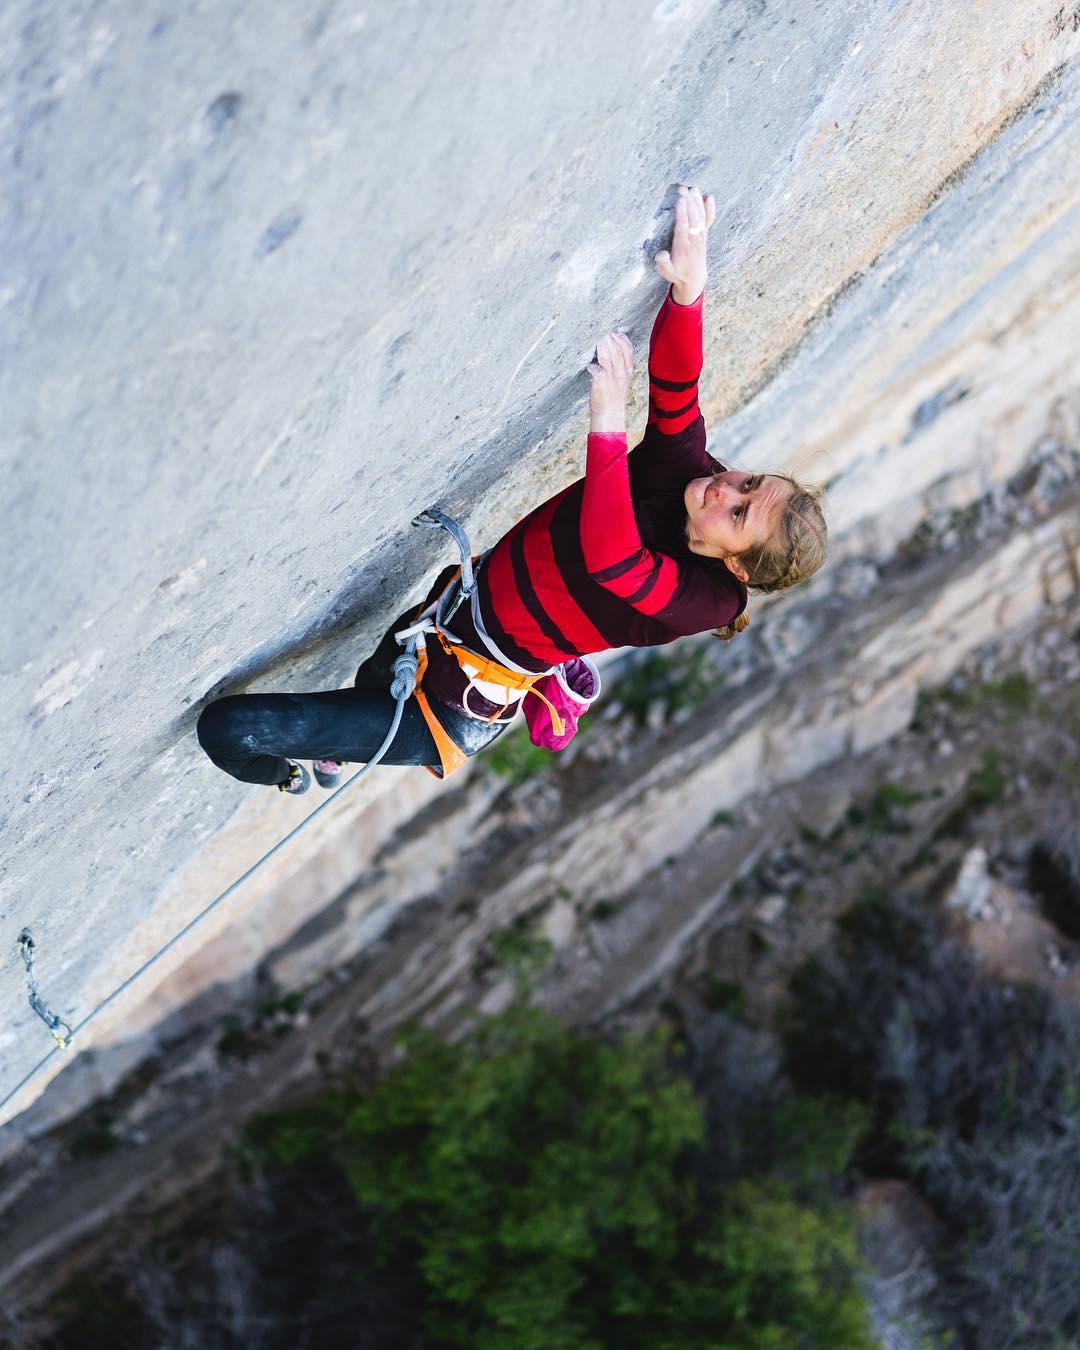 margo hayes biographie ceuse 9a+ arrampicata sportiva